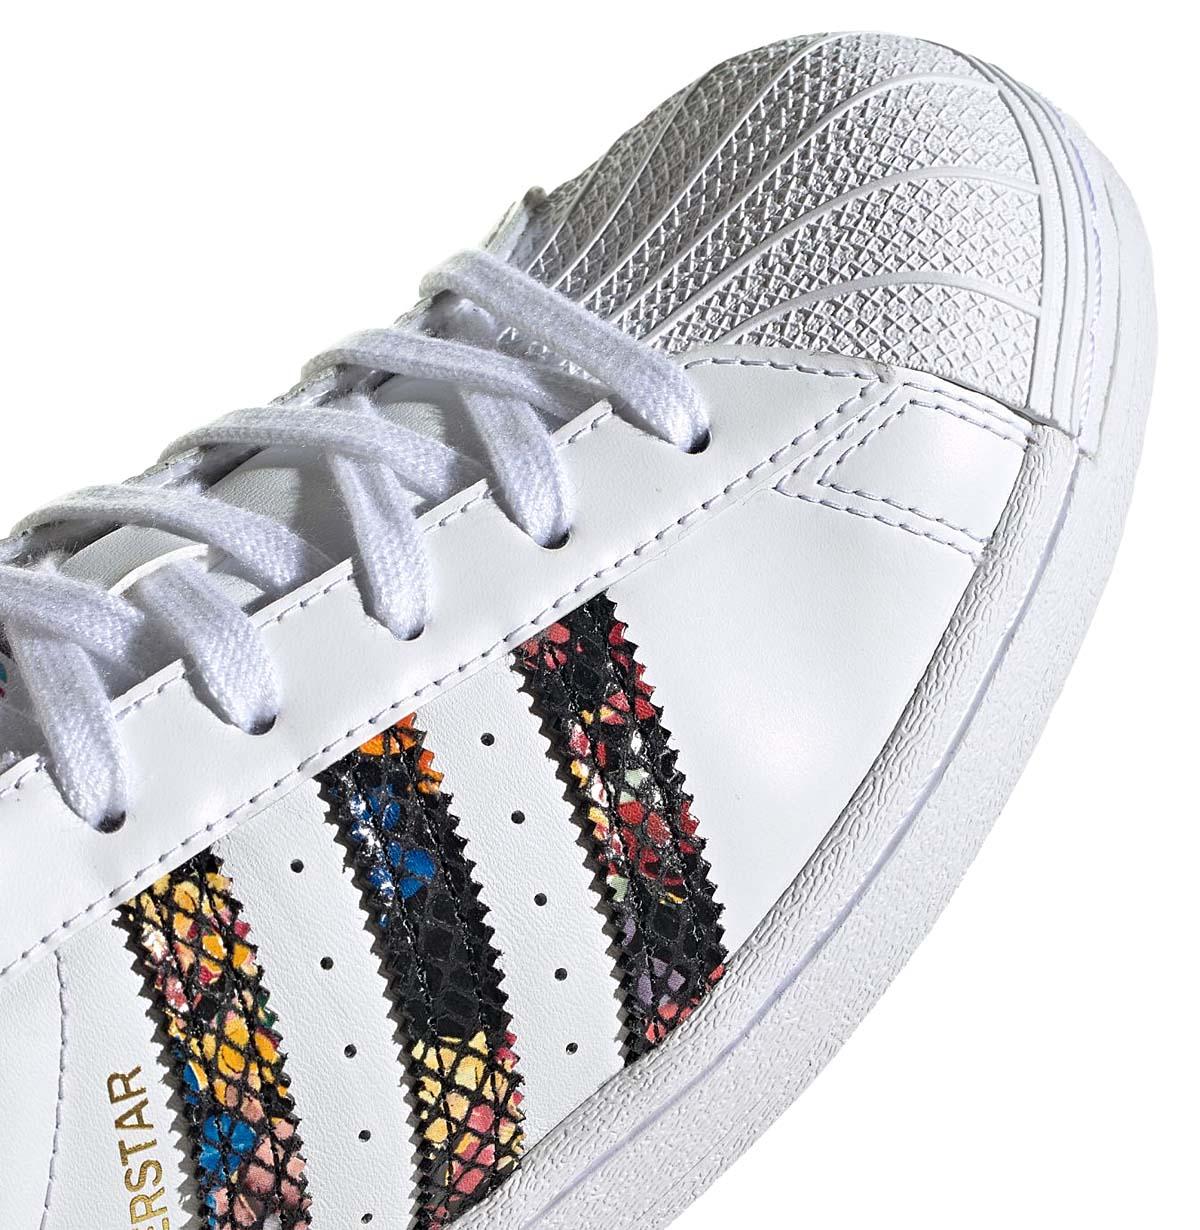 adidas Originals SUPER STAR FOOTWEAR WHITE / CORE BLACK / RED FW3692 アディダス オリジナルス スーパースター ホワイト/ブラック/レッド